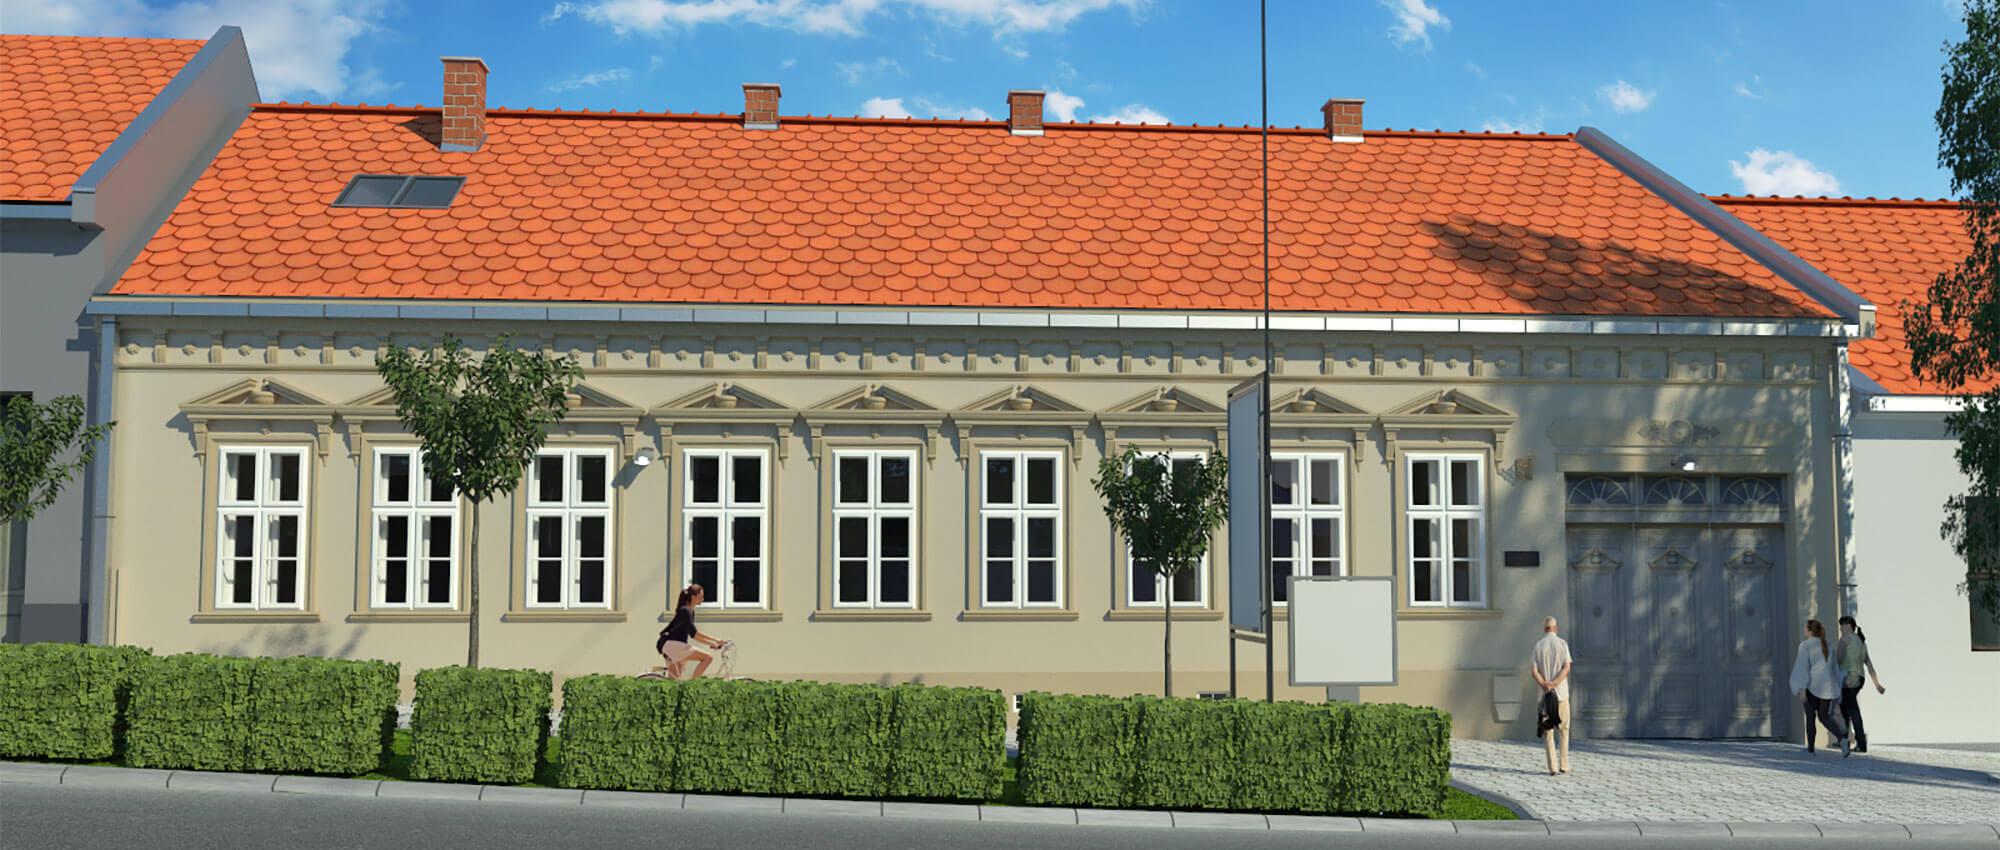 Galerija Save Šumanovića u Šidu (projekat rekonstrukcije)